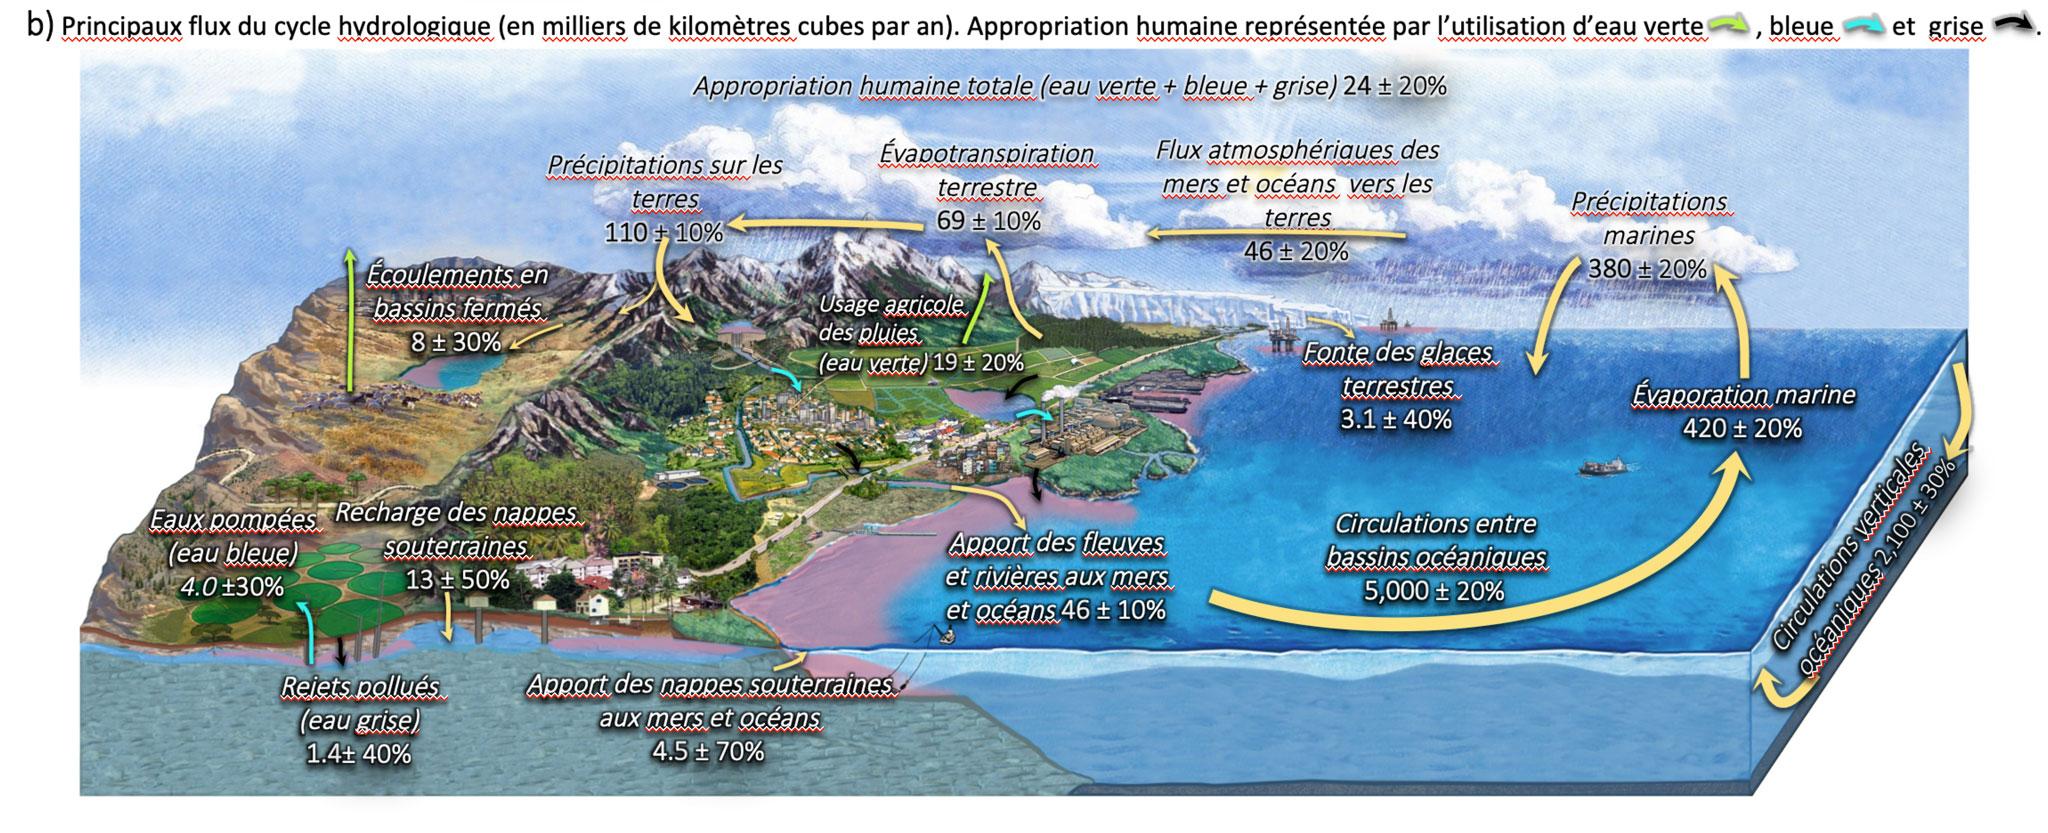 Représentation du cycle de l'eau intégrant les flux et appropriations humaines